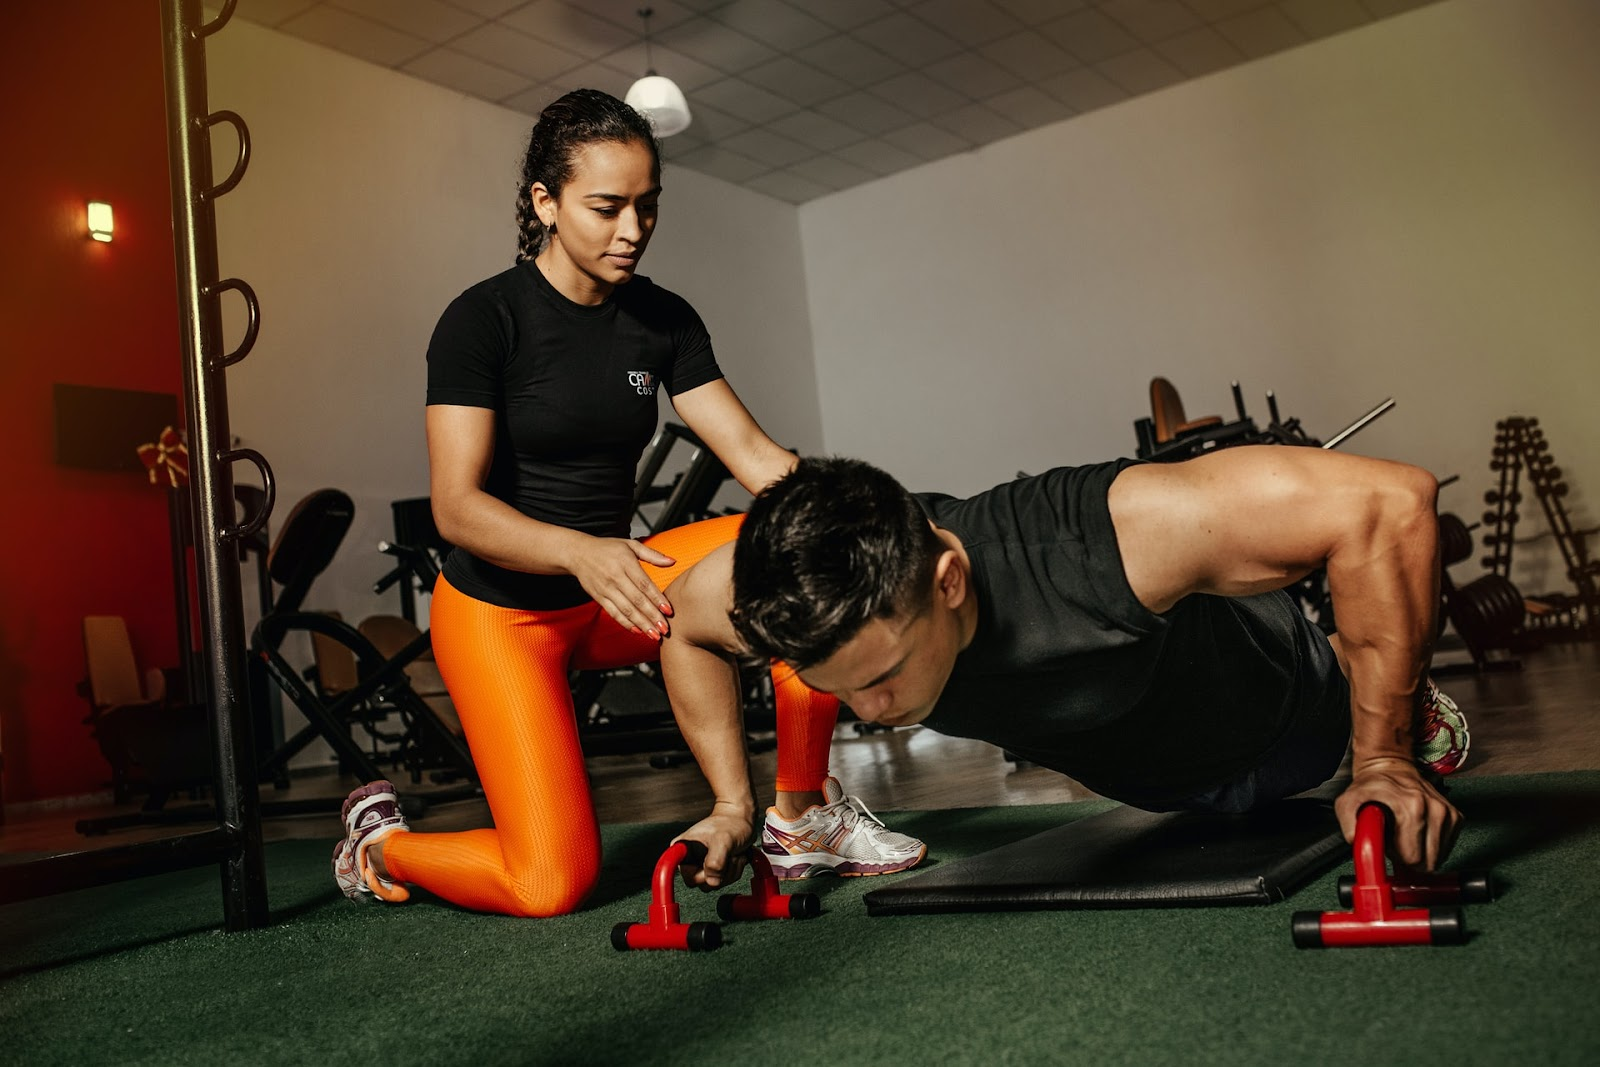 Os treinos devem ser prescritos de acordo com características individuais, independente do gênero (Fonte: Unsplash)